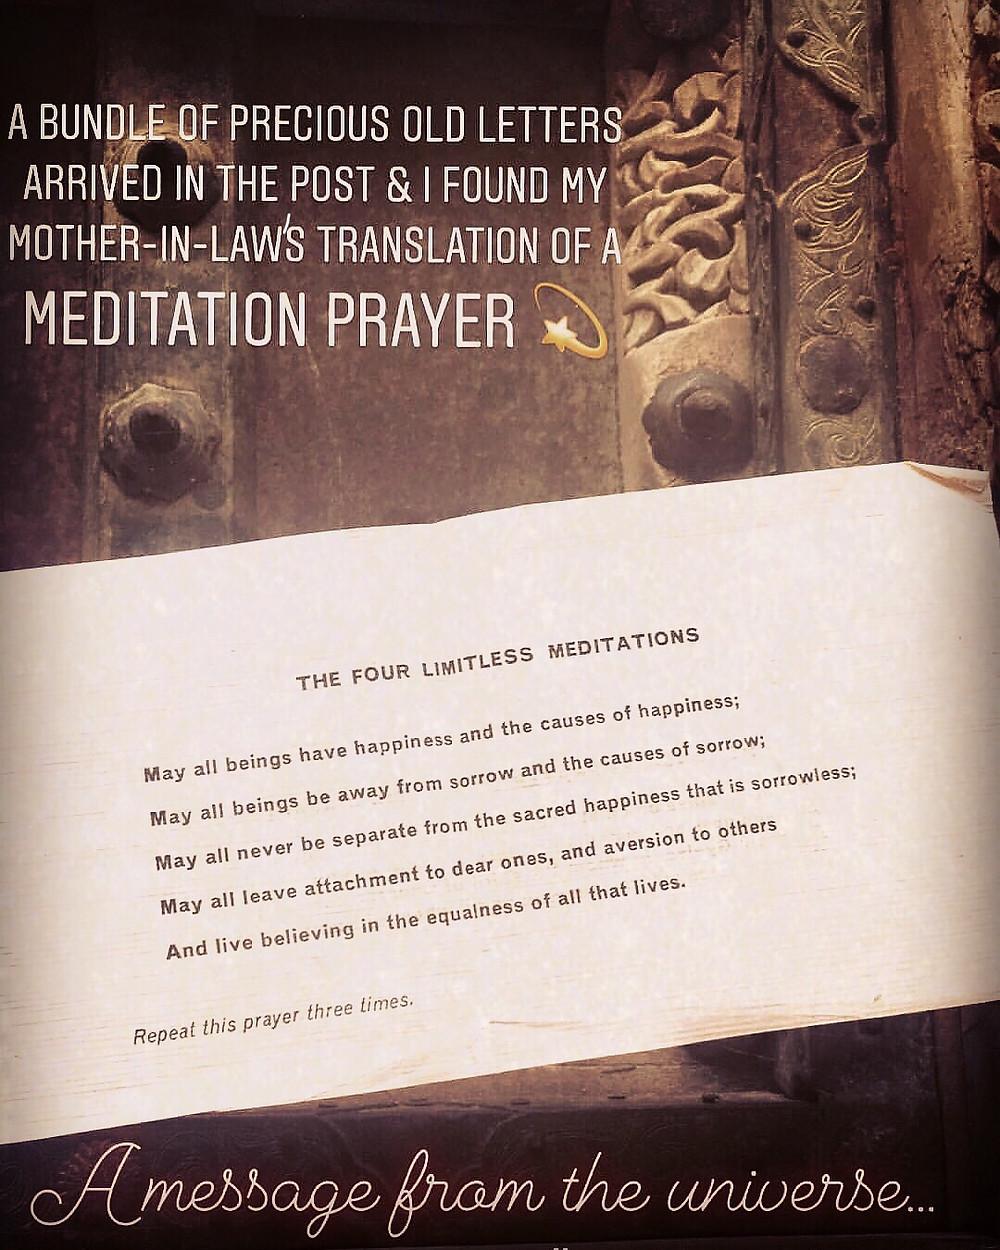 Freda's meditation prayer